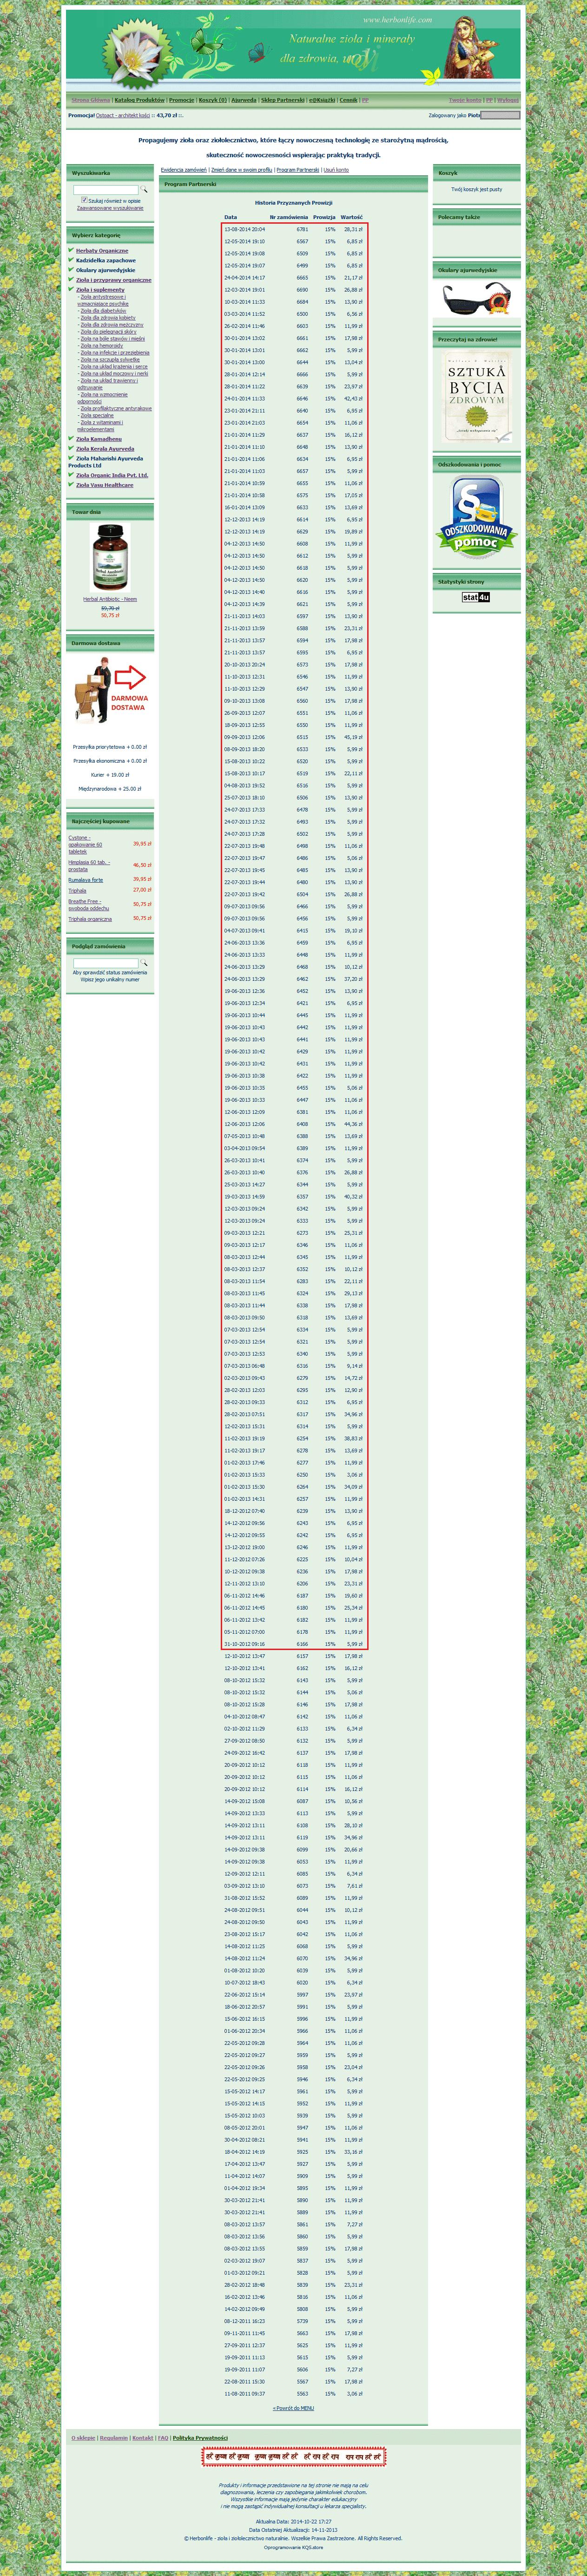 HerbonLife.com Prowizje